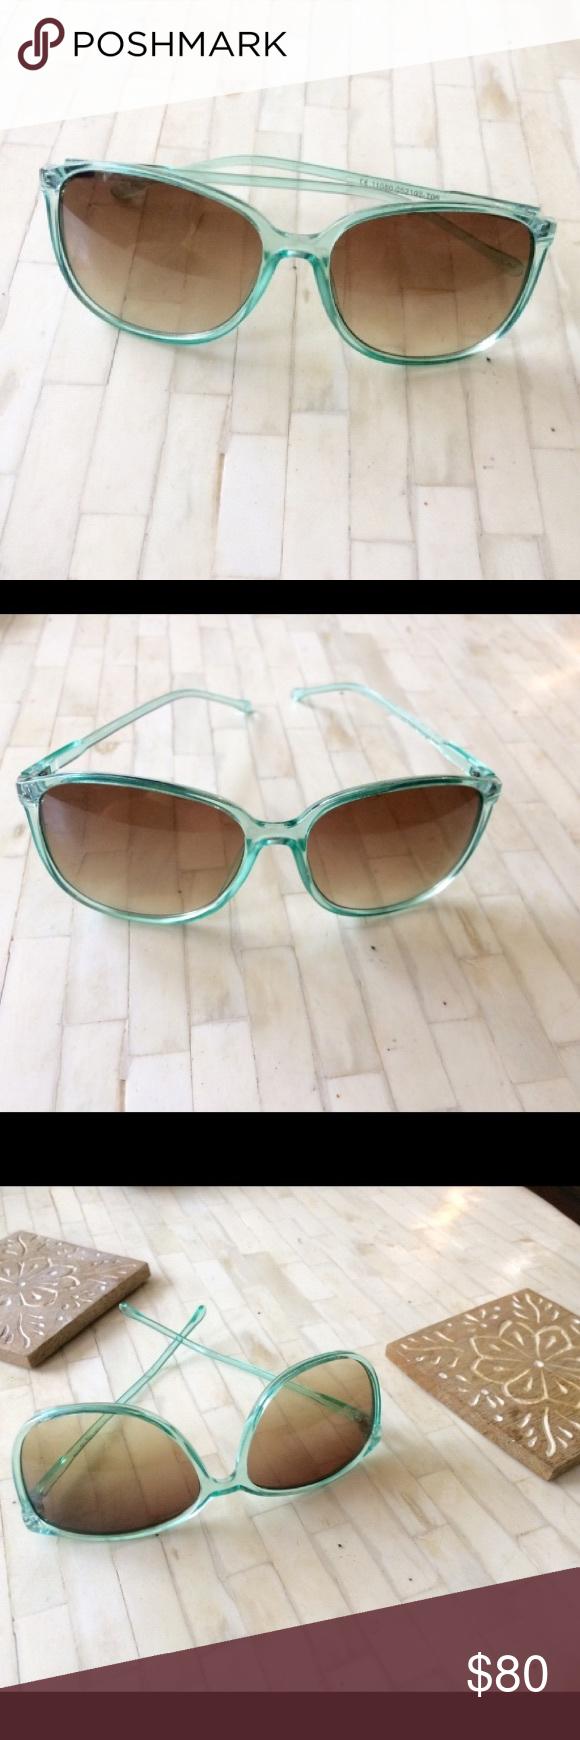 dea552112f Lei Peng Sunglasses Ray Ban Qb2457 « One More Soul